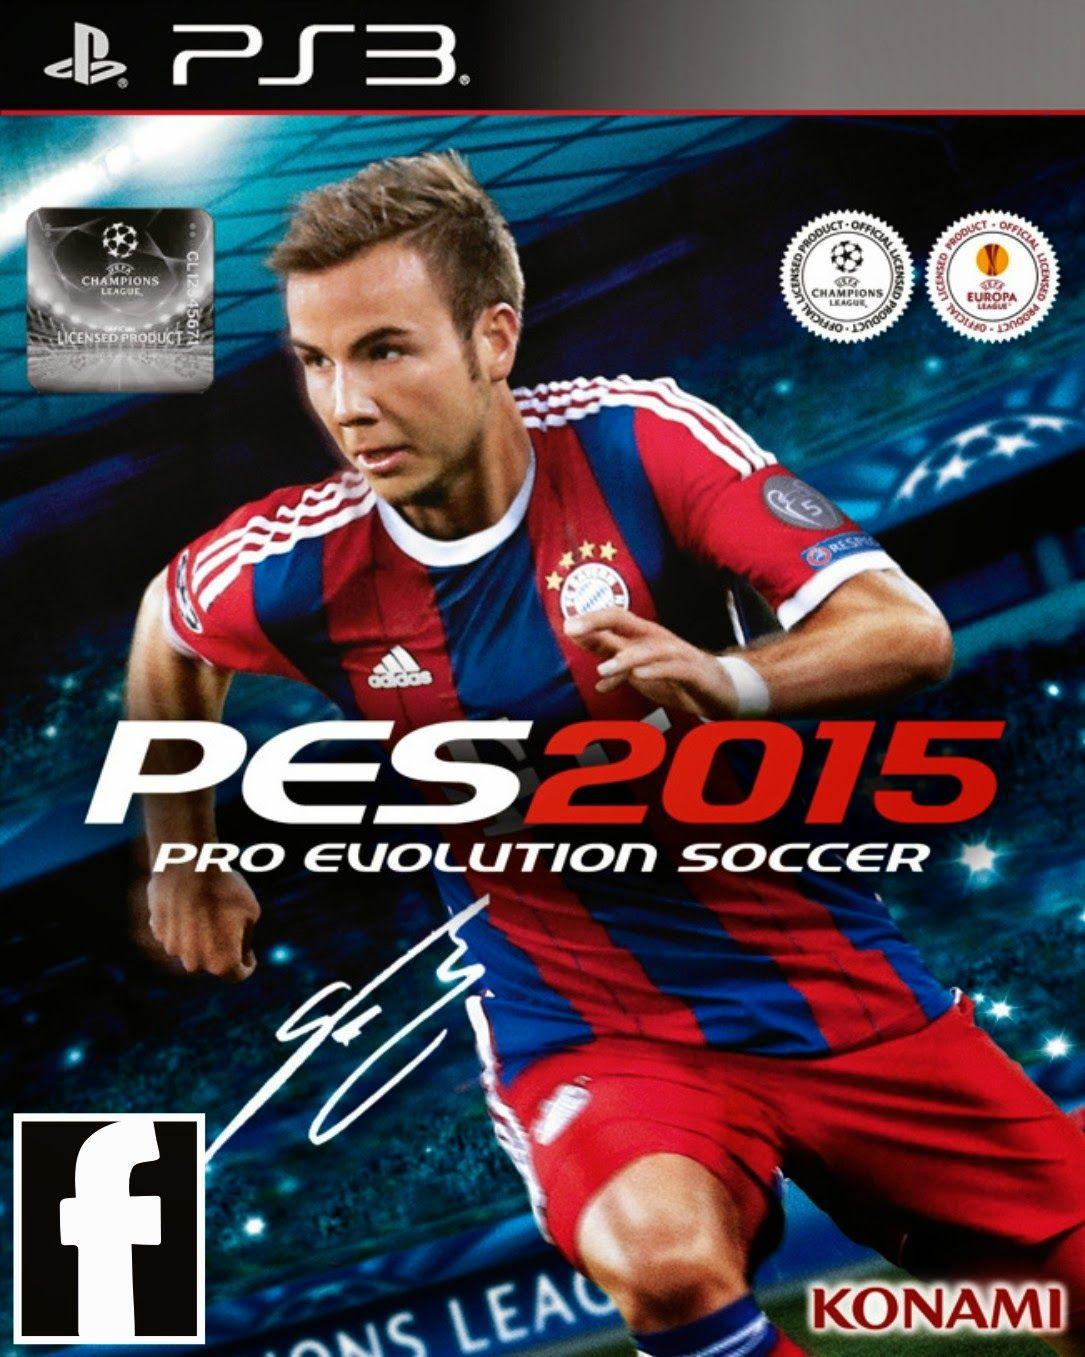 Pro Evolution Soccer Pes 2015 Ps3 Full Iso Games Evolution Soccer Pro Evolution Soccer 2015 Pro Evolution Soccer